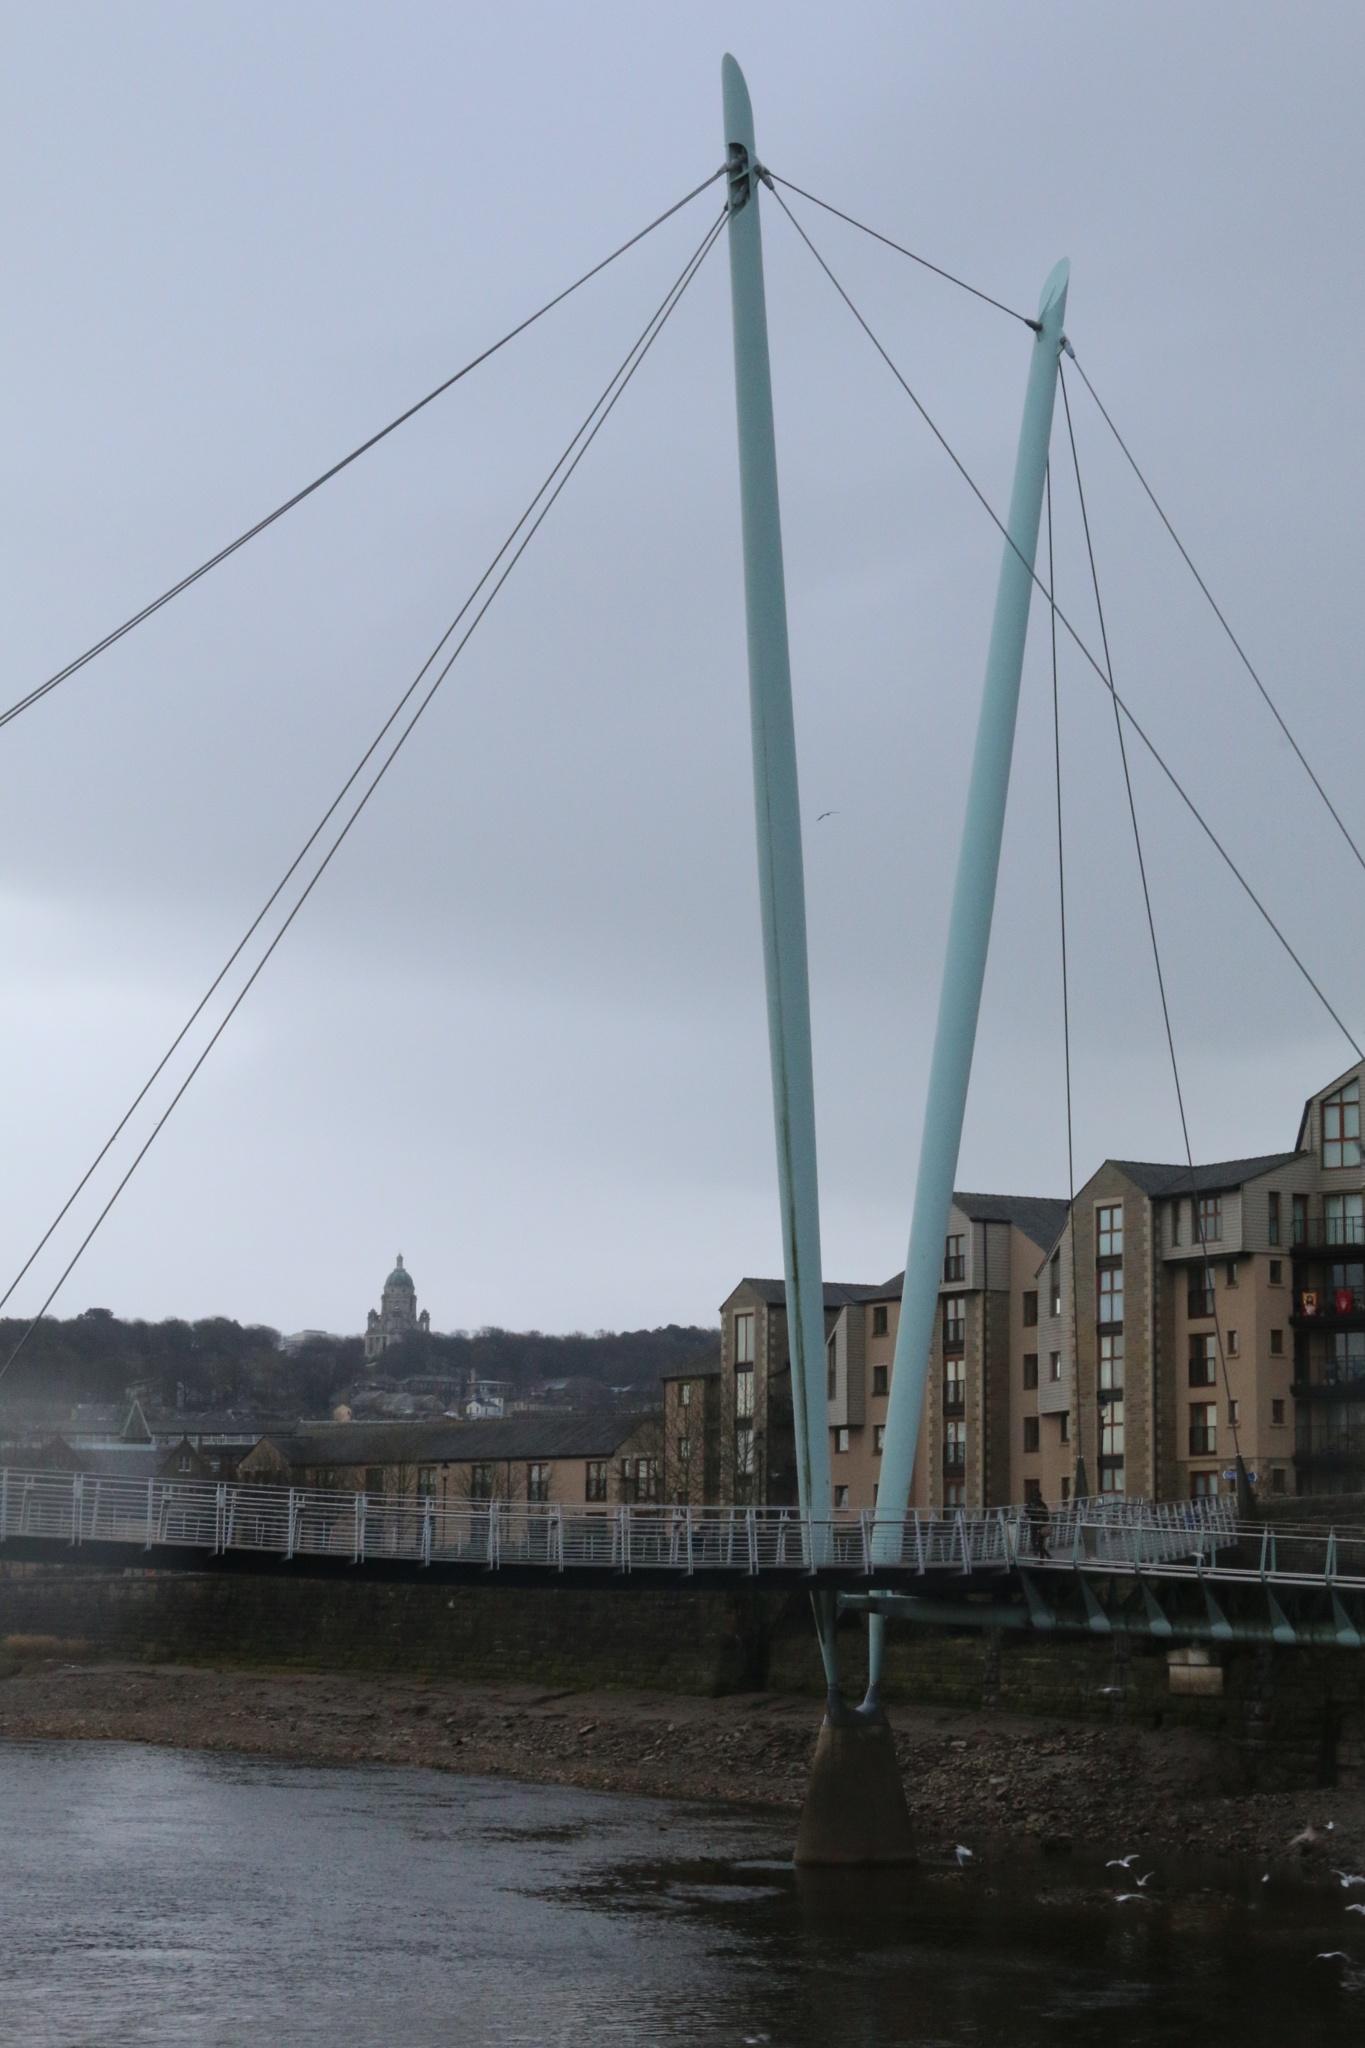 Lune Millennium Bridge, Lancaster by Kevhyde